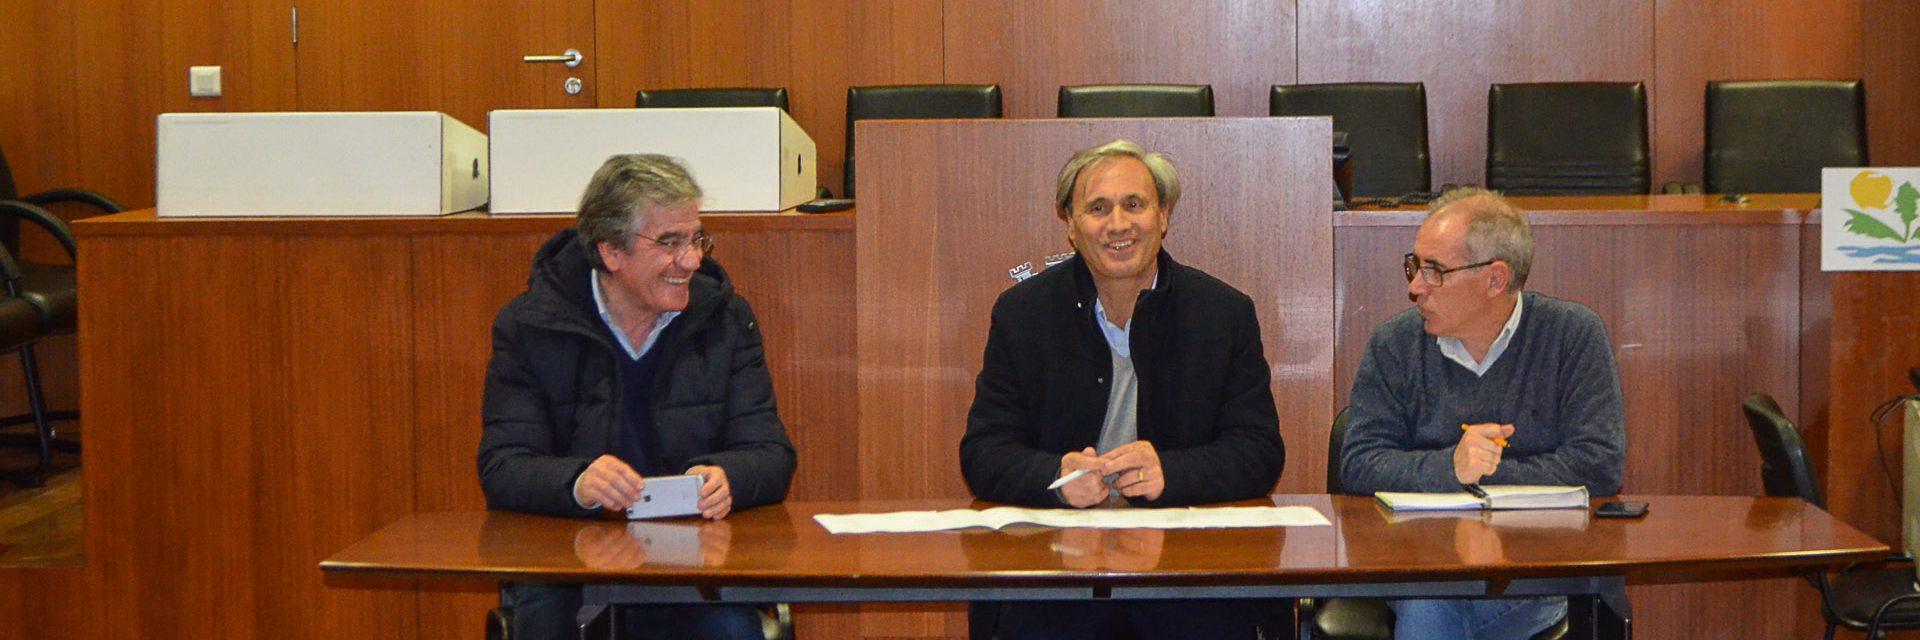 Autarquia Vieirense prepara 14ª edição da Feira do Fumeiro